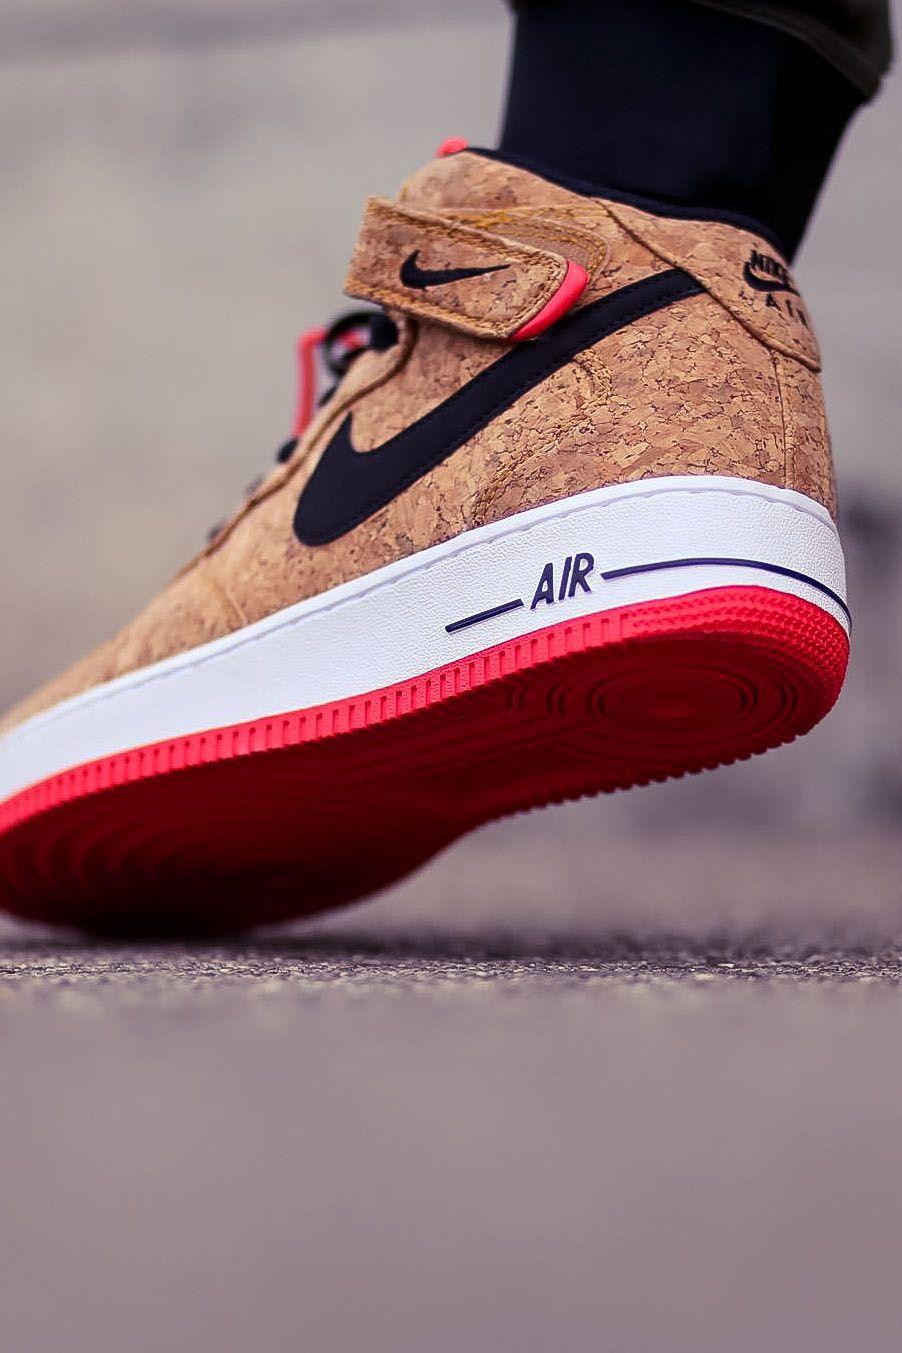 air force 1 cork